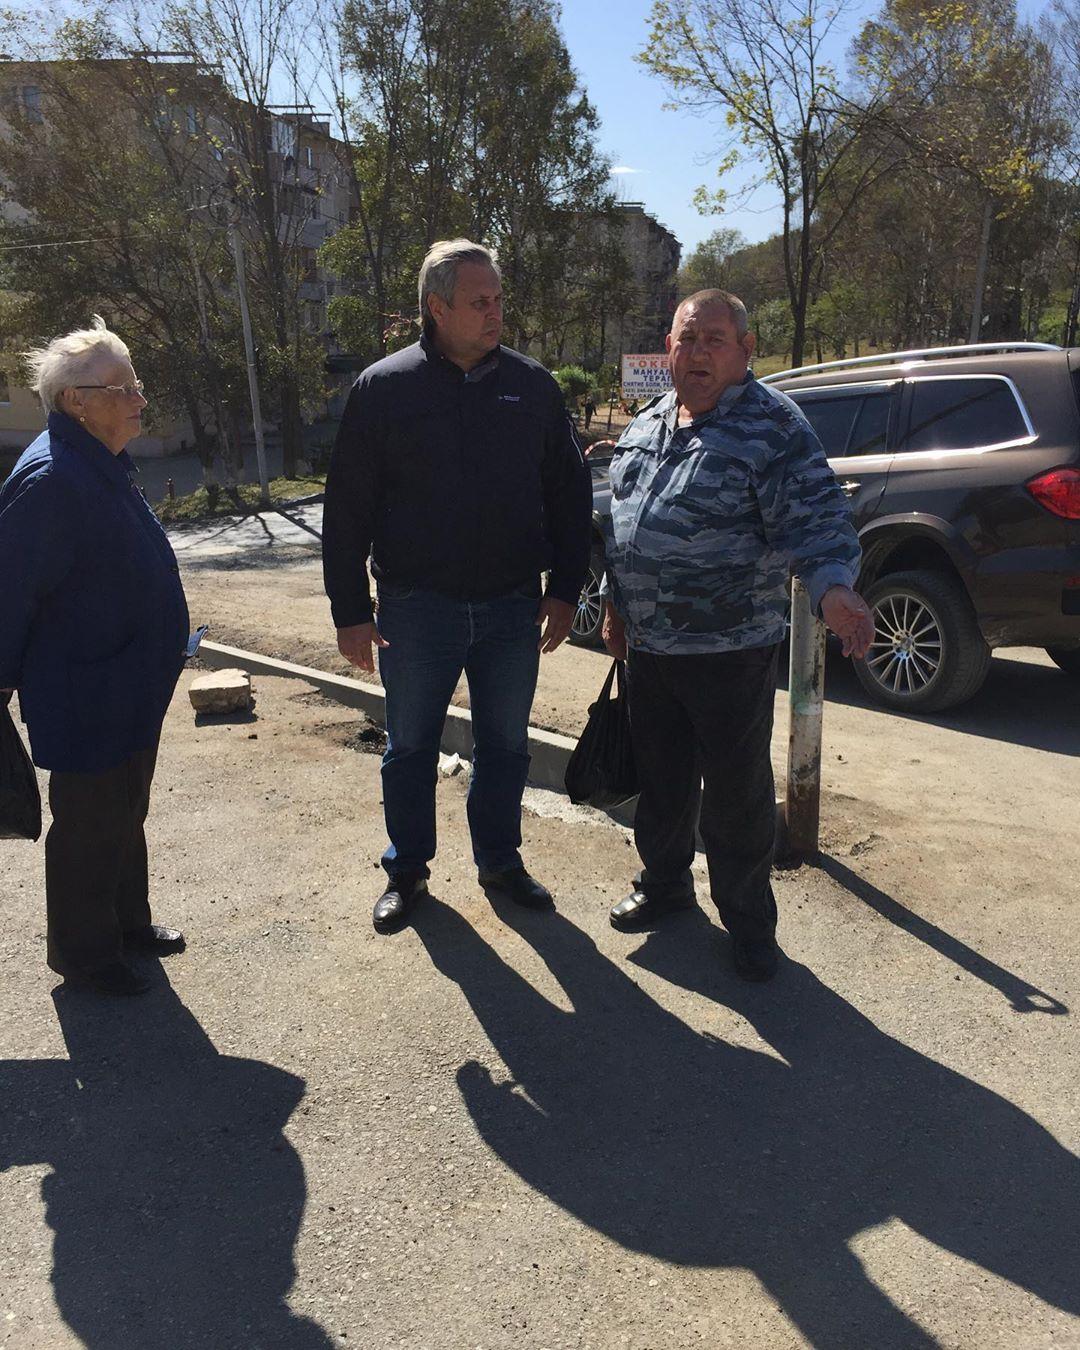 Депутат Думы Артемовского городского округа Алексей Жернаков на рабочем выезде по благоустройству придомовых территорий.